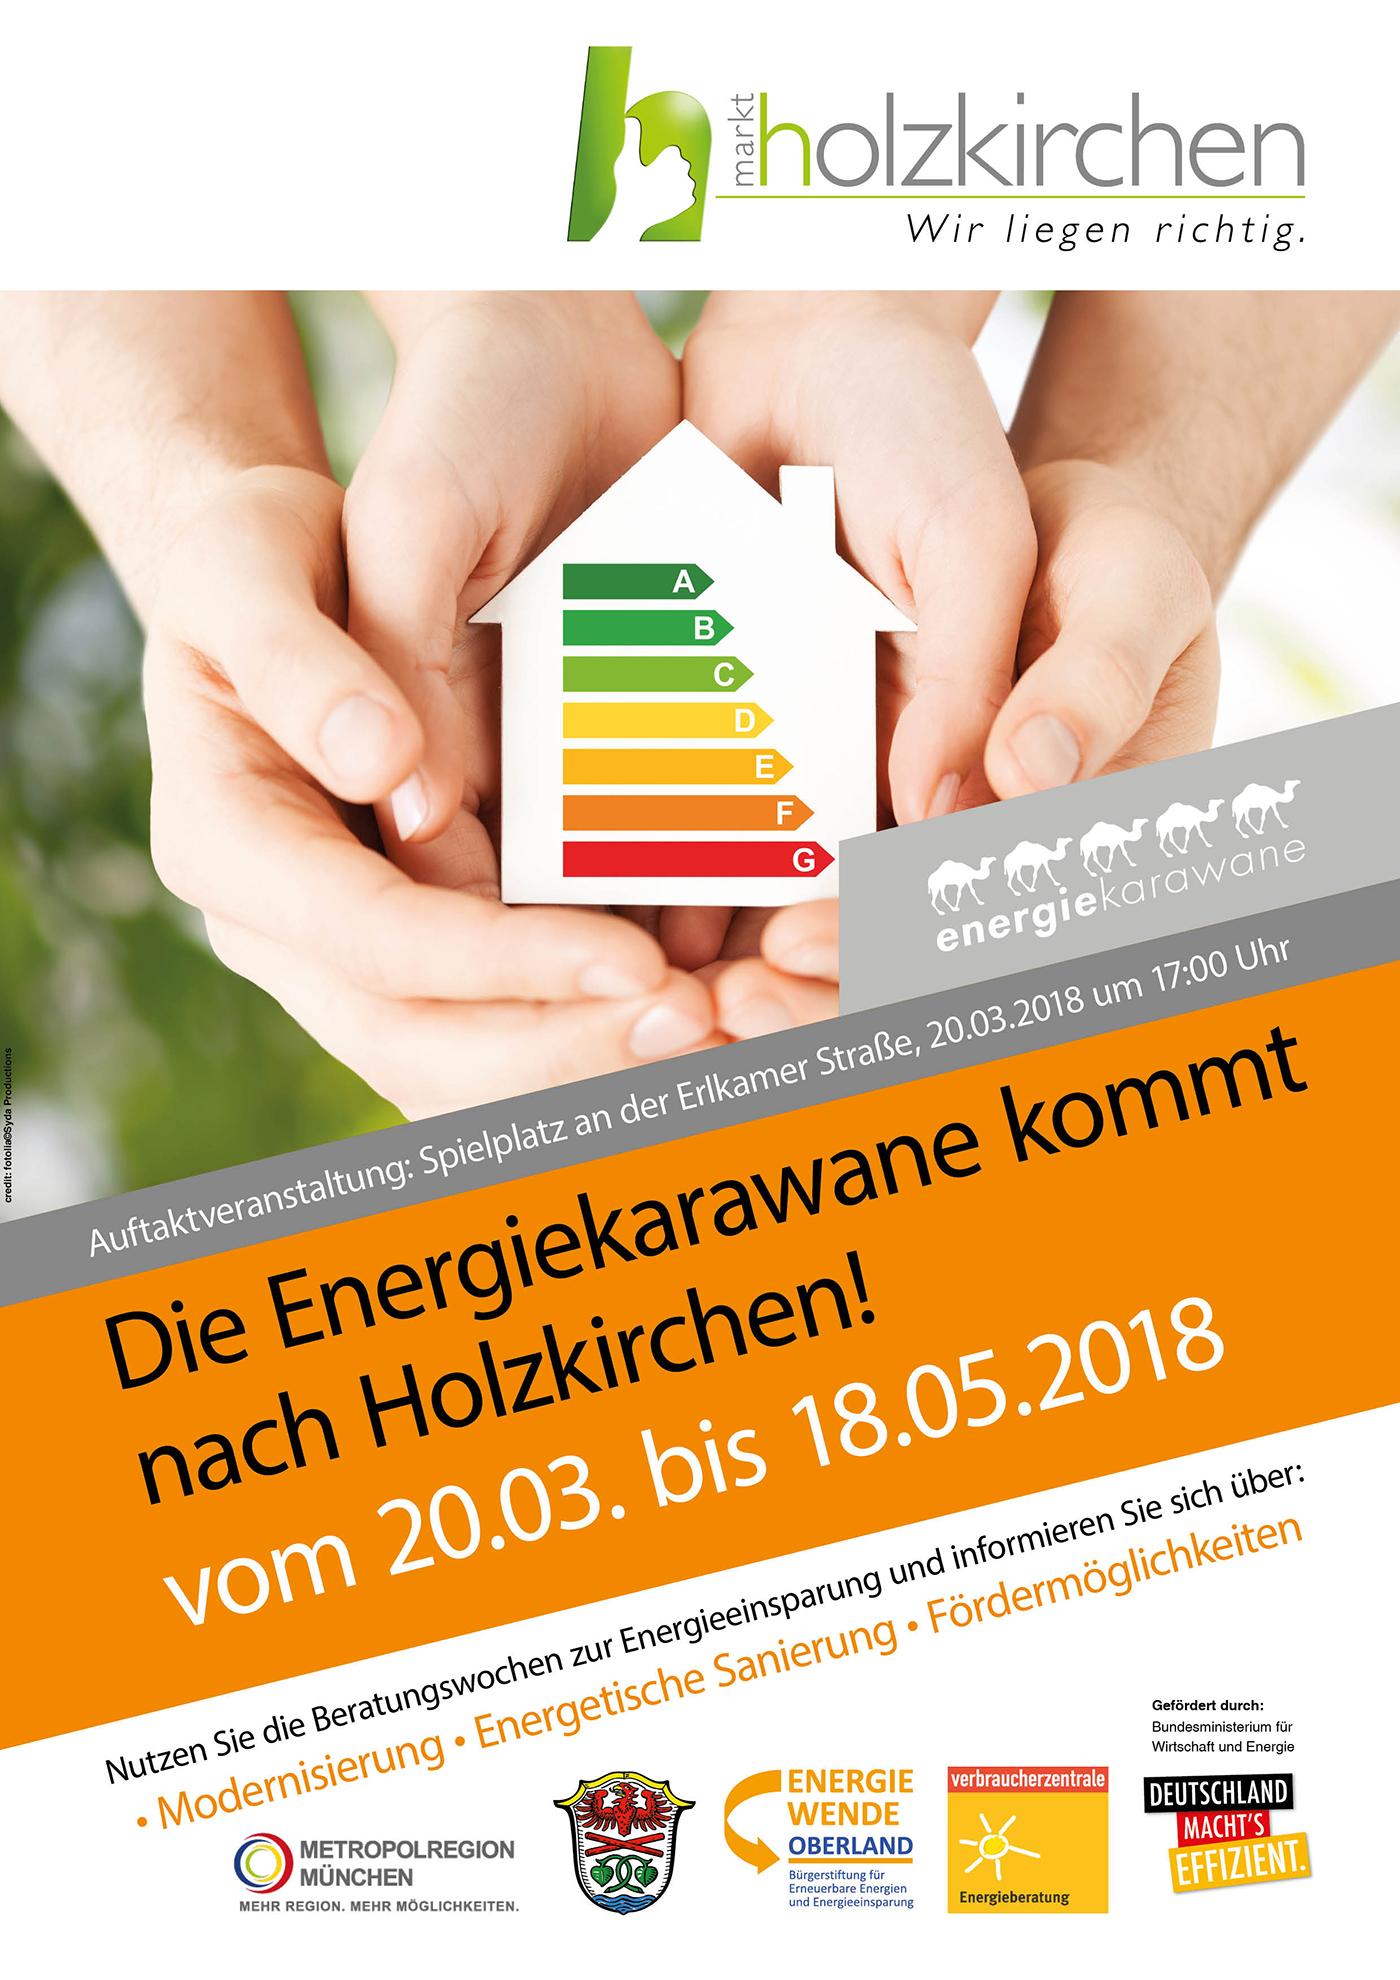 Die Energiekarawane kommt nach Holzkirchen